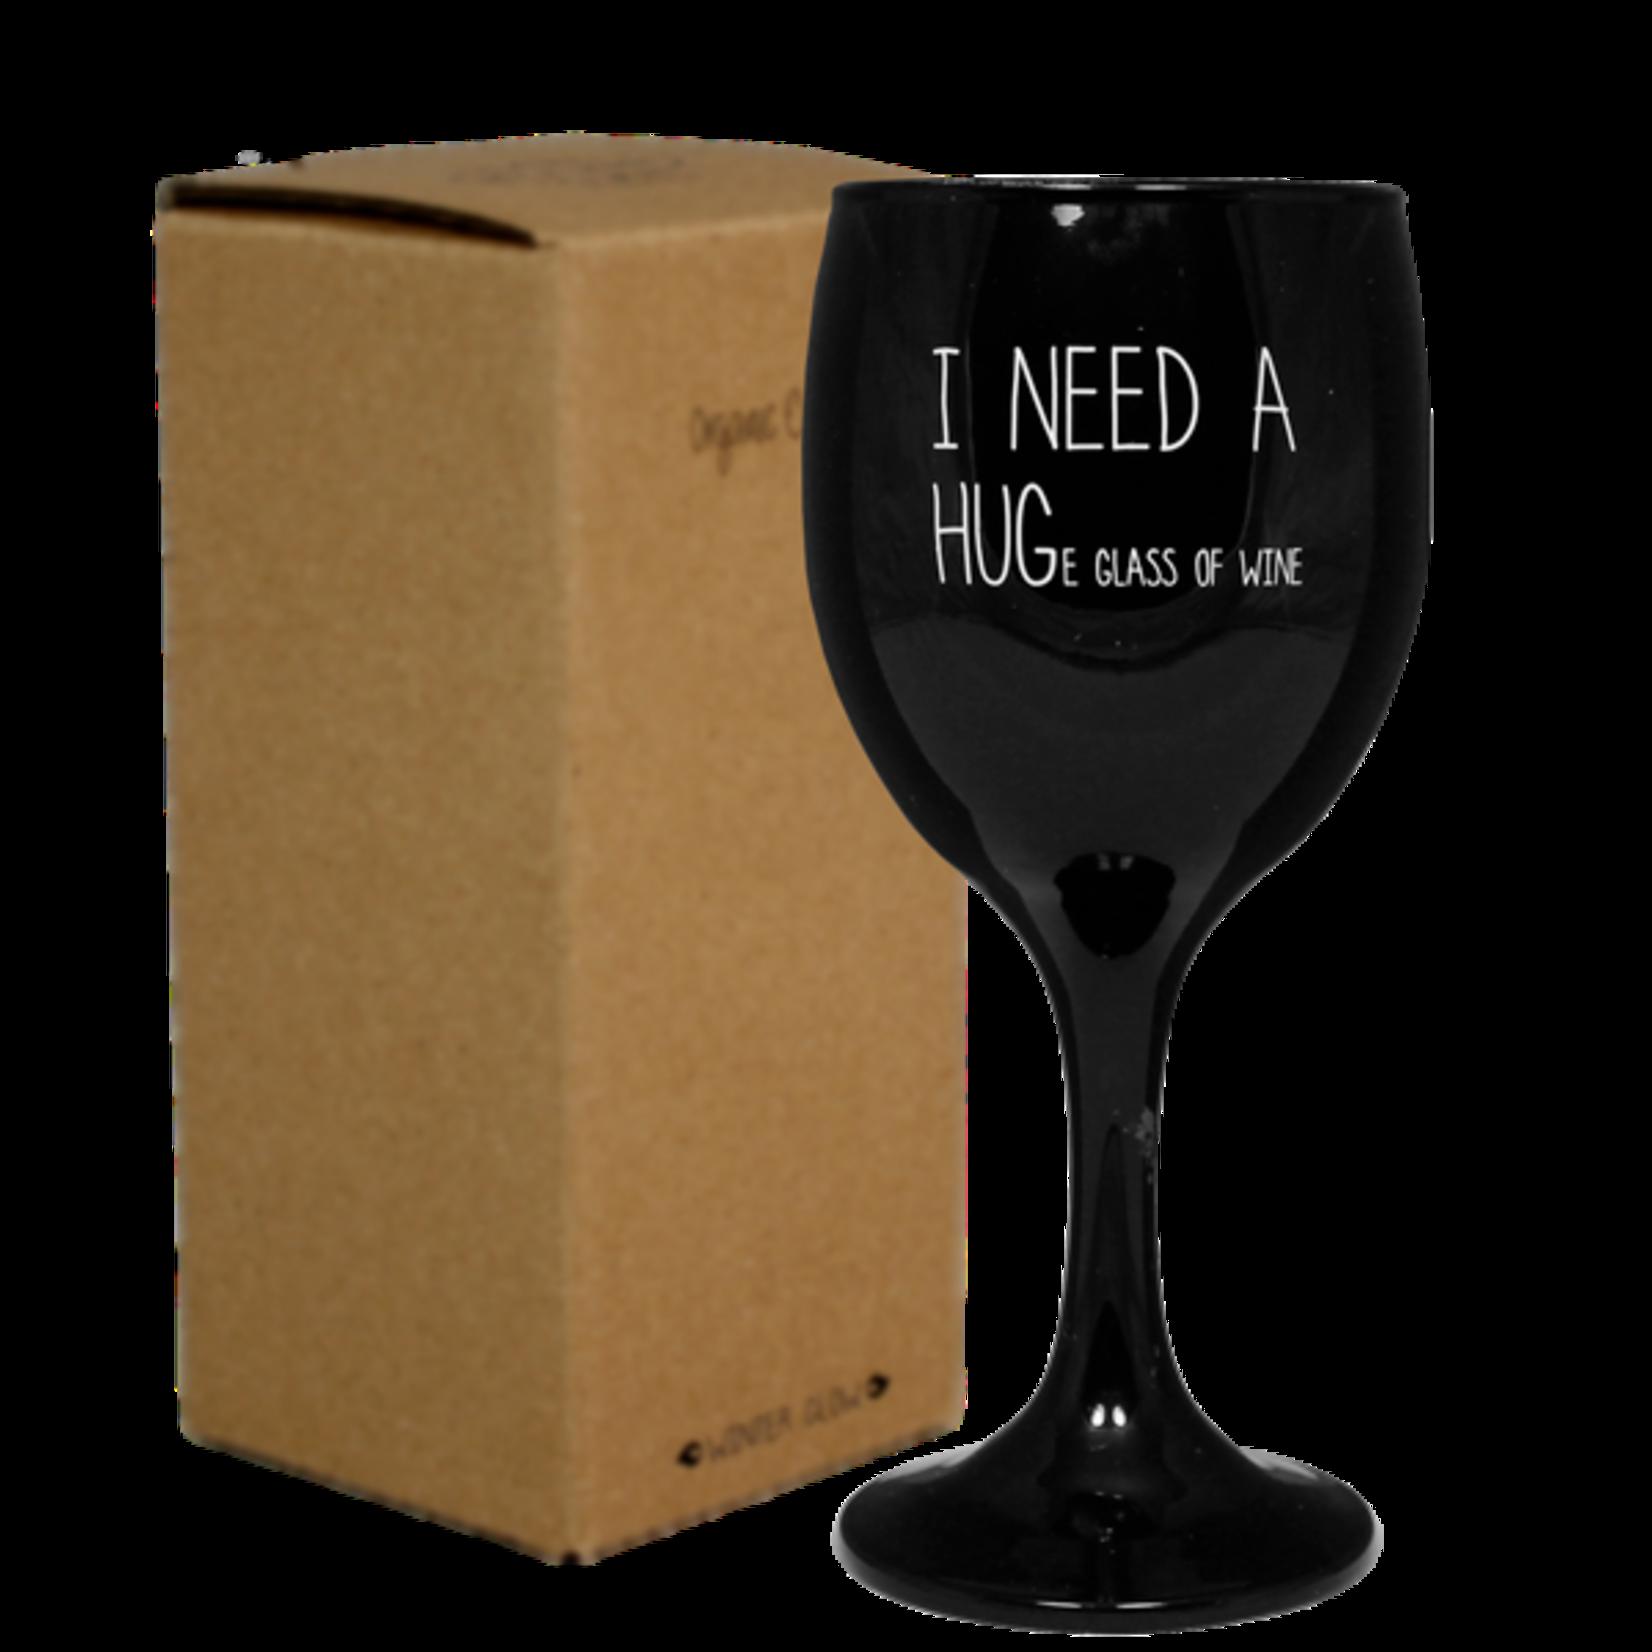 My Flame Sojakaars wijnglas - I need a huge glass of wine - Zwart